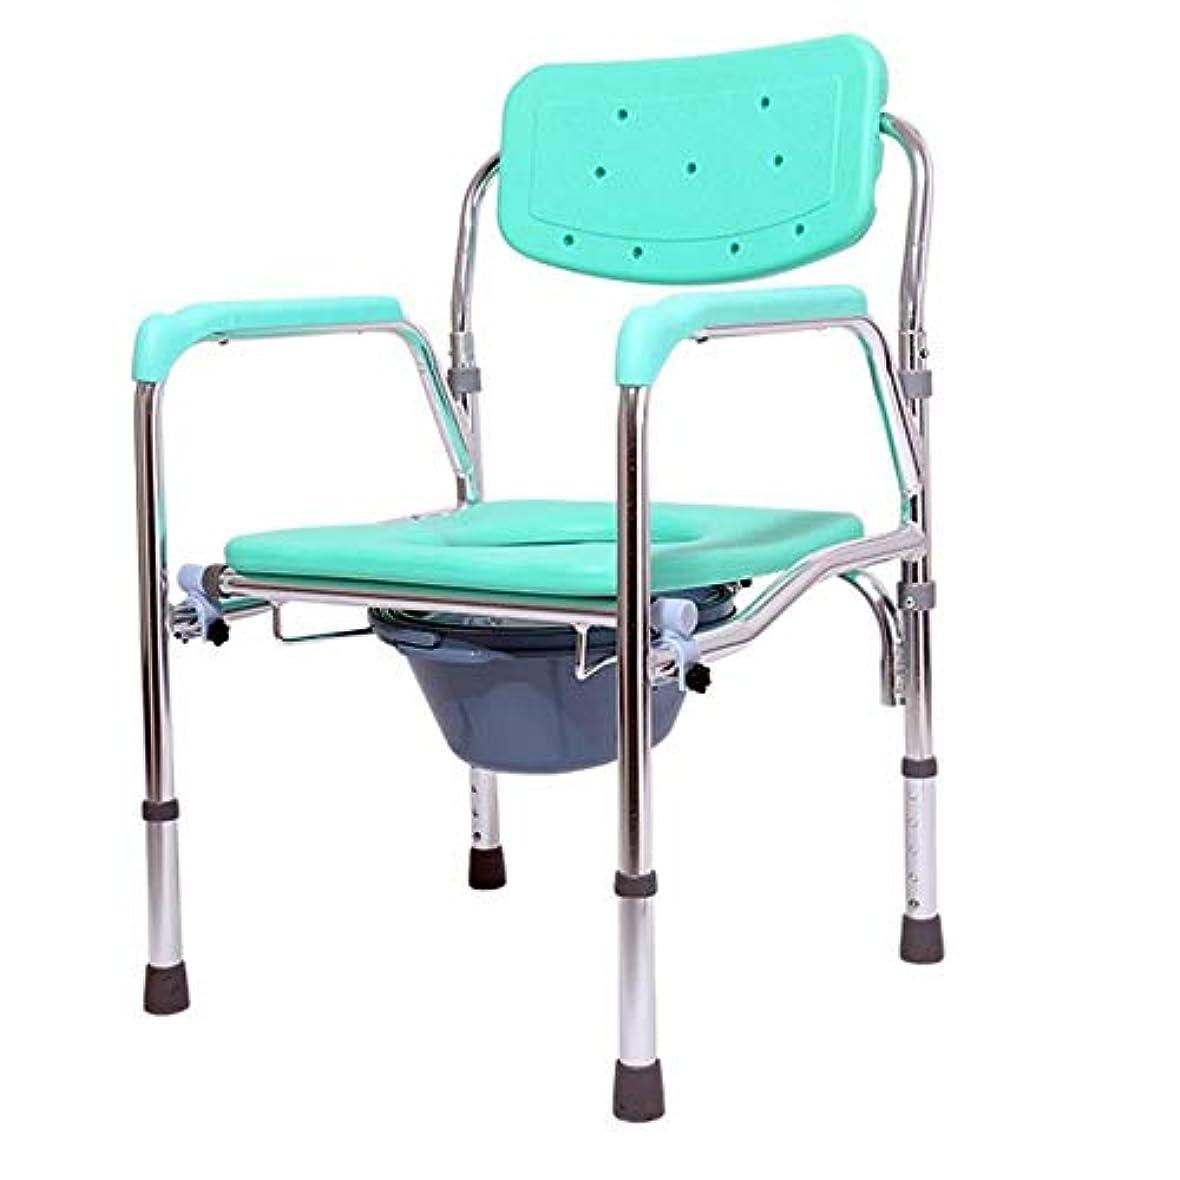 器官ドラフト磁石調節可能なシャワーベンチ、可動性のための調節可能な背中とアームレストを備えたポータブル医療スツール